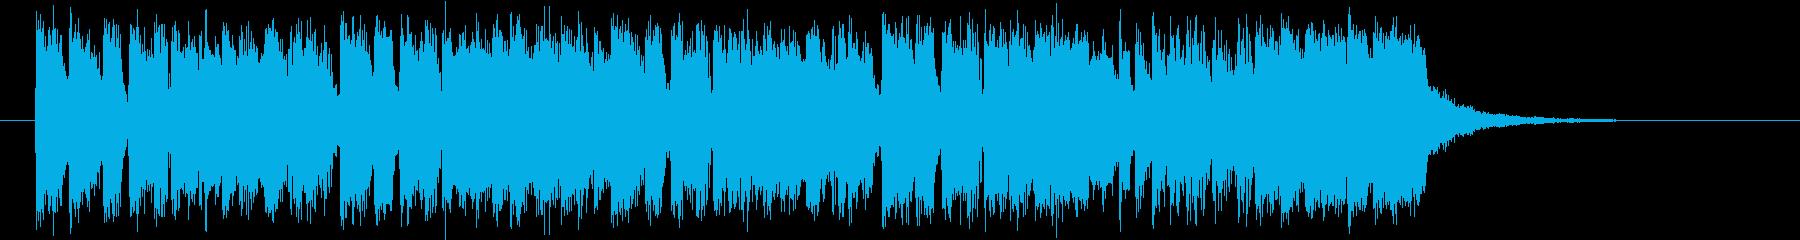 ディスコ調のテクノバンドのジングルの再生済みの波形